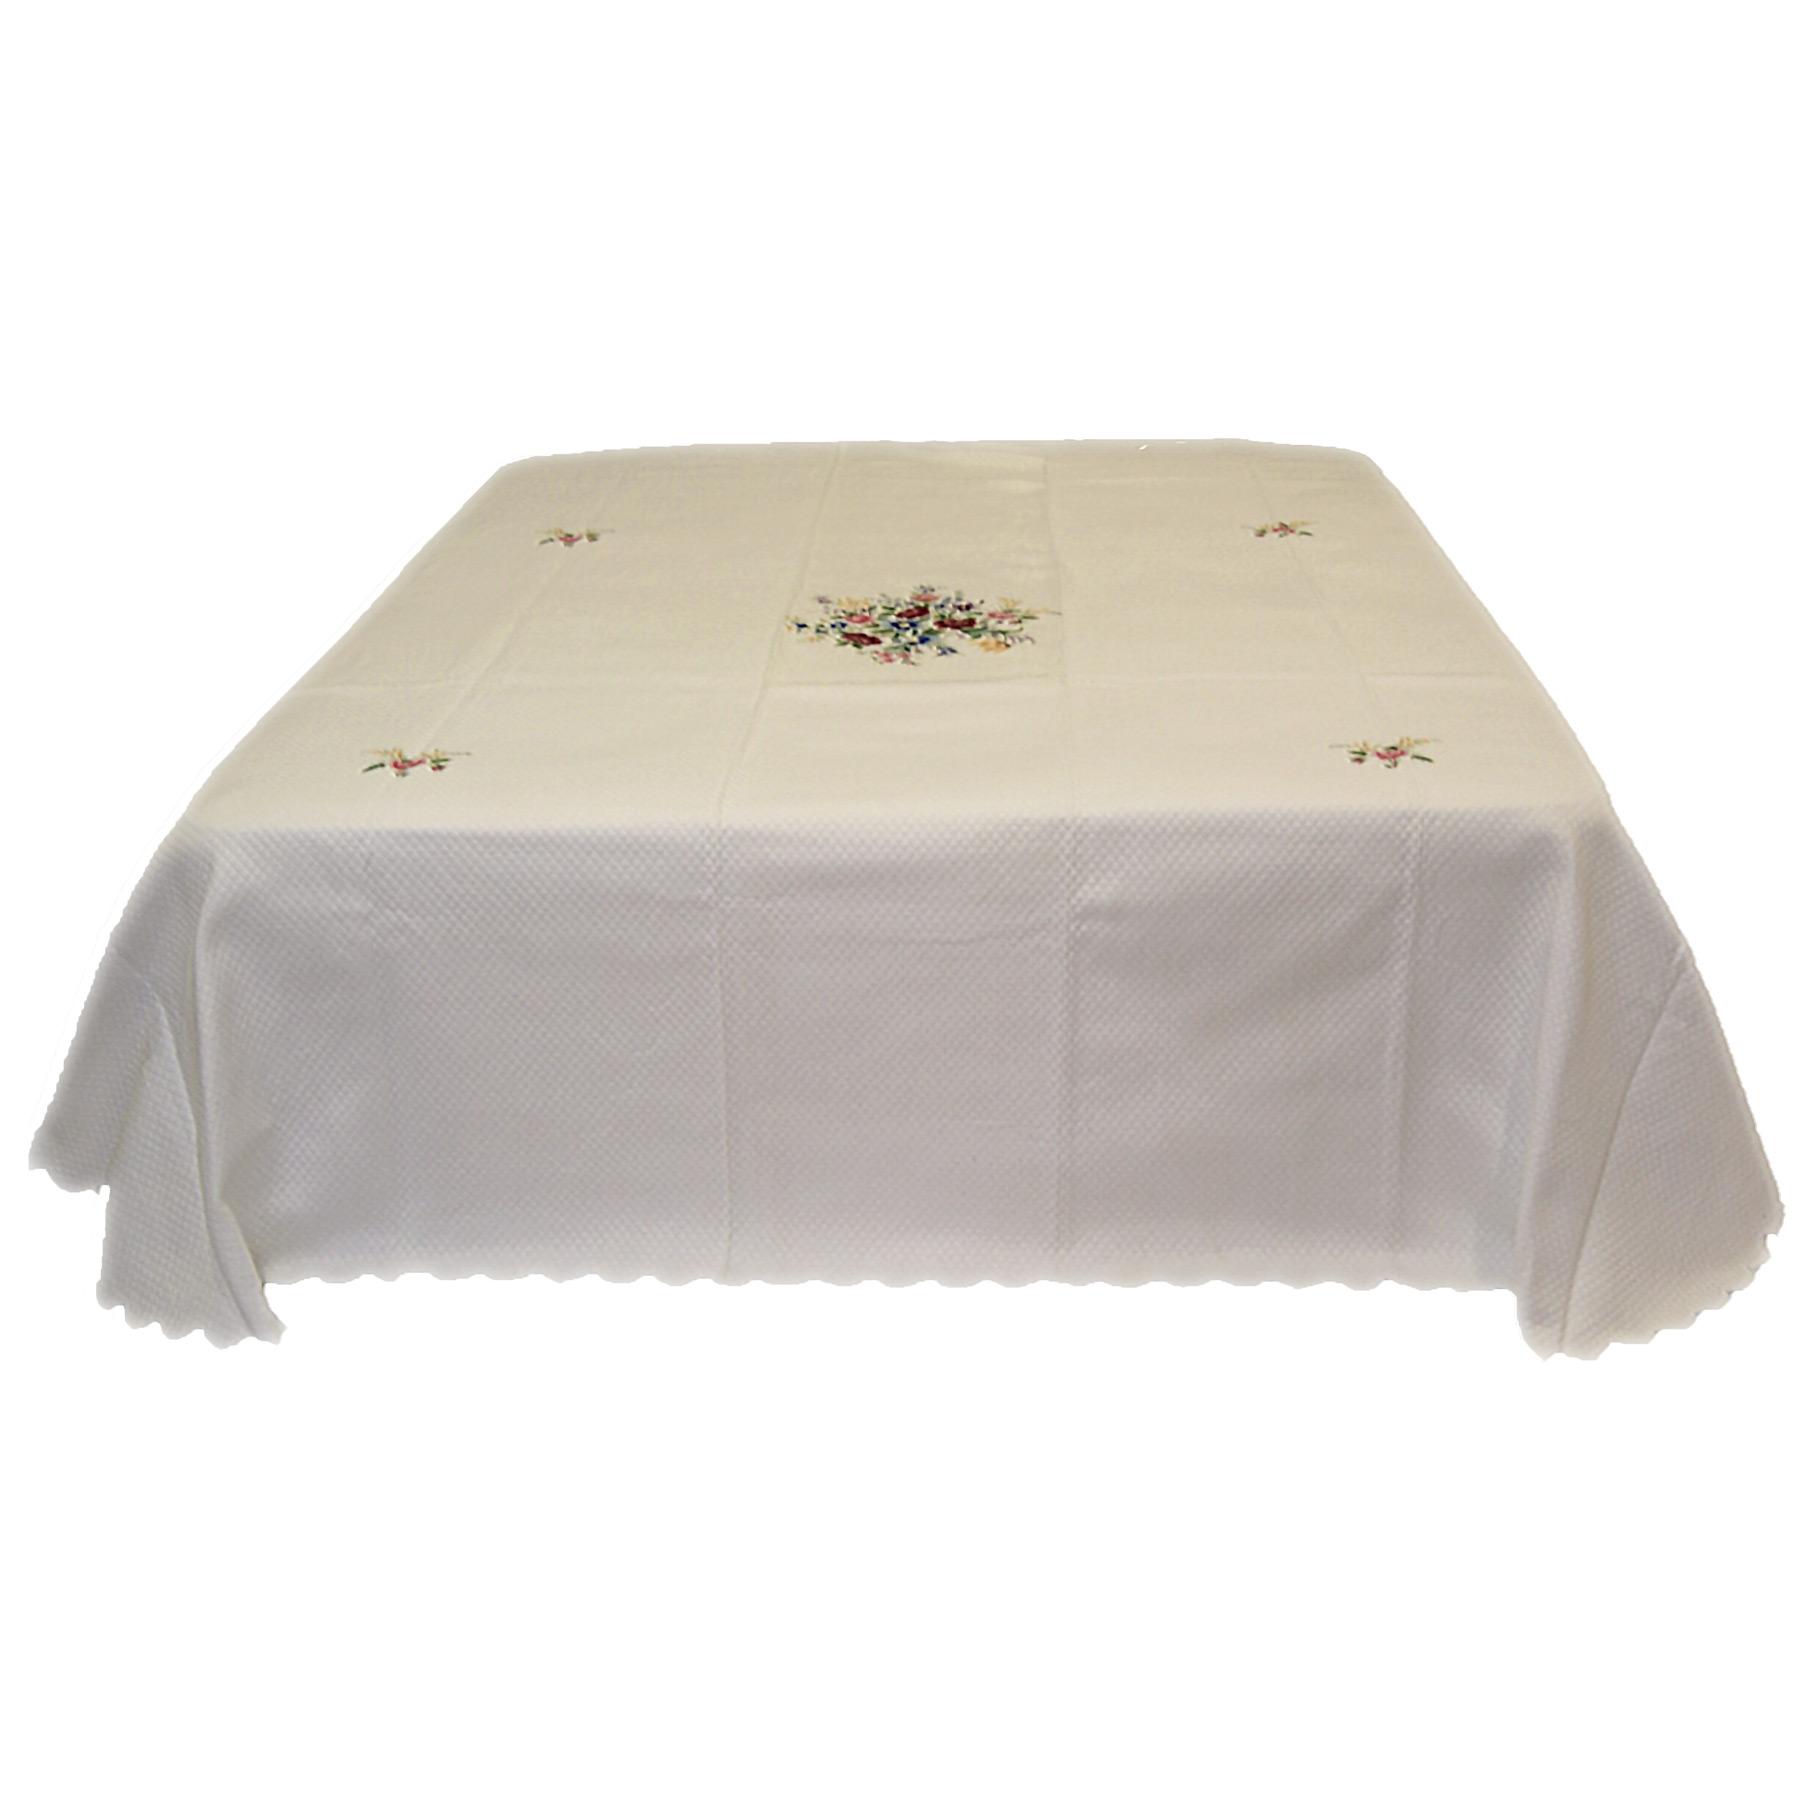 Copriletto Piquet Matrimoniale Bianco.Copriletto Matrimoniale Cotone Piquet Ricamata Rose Di Maggio Colore Bianco Piliero It Home Decor